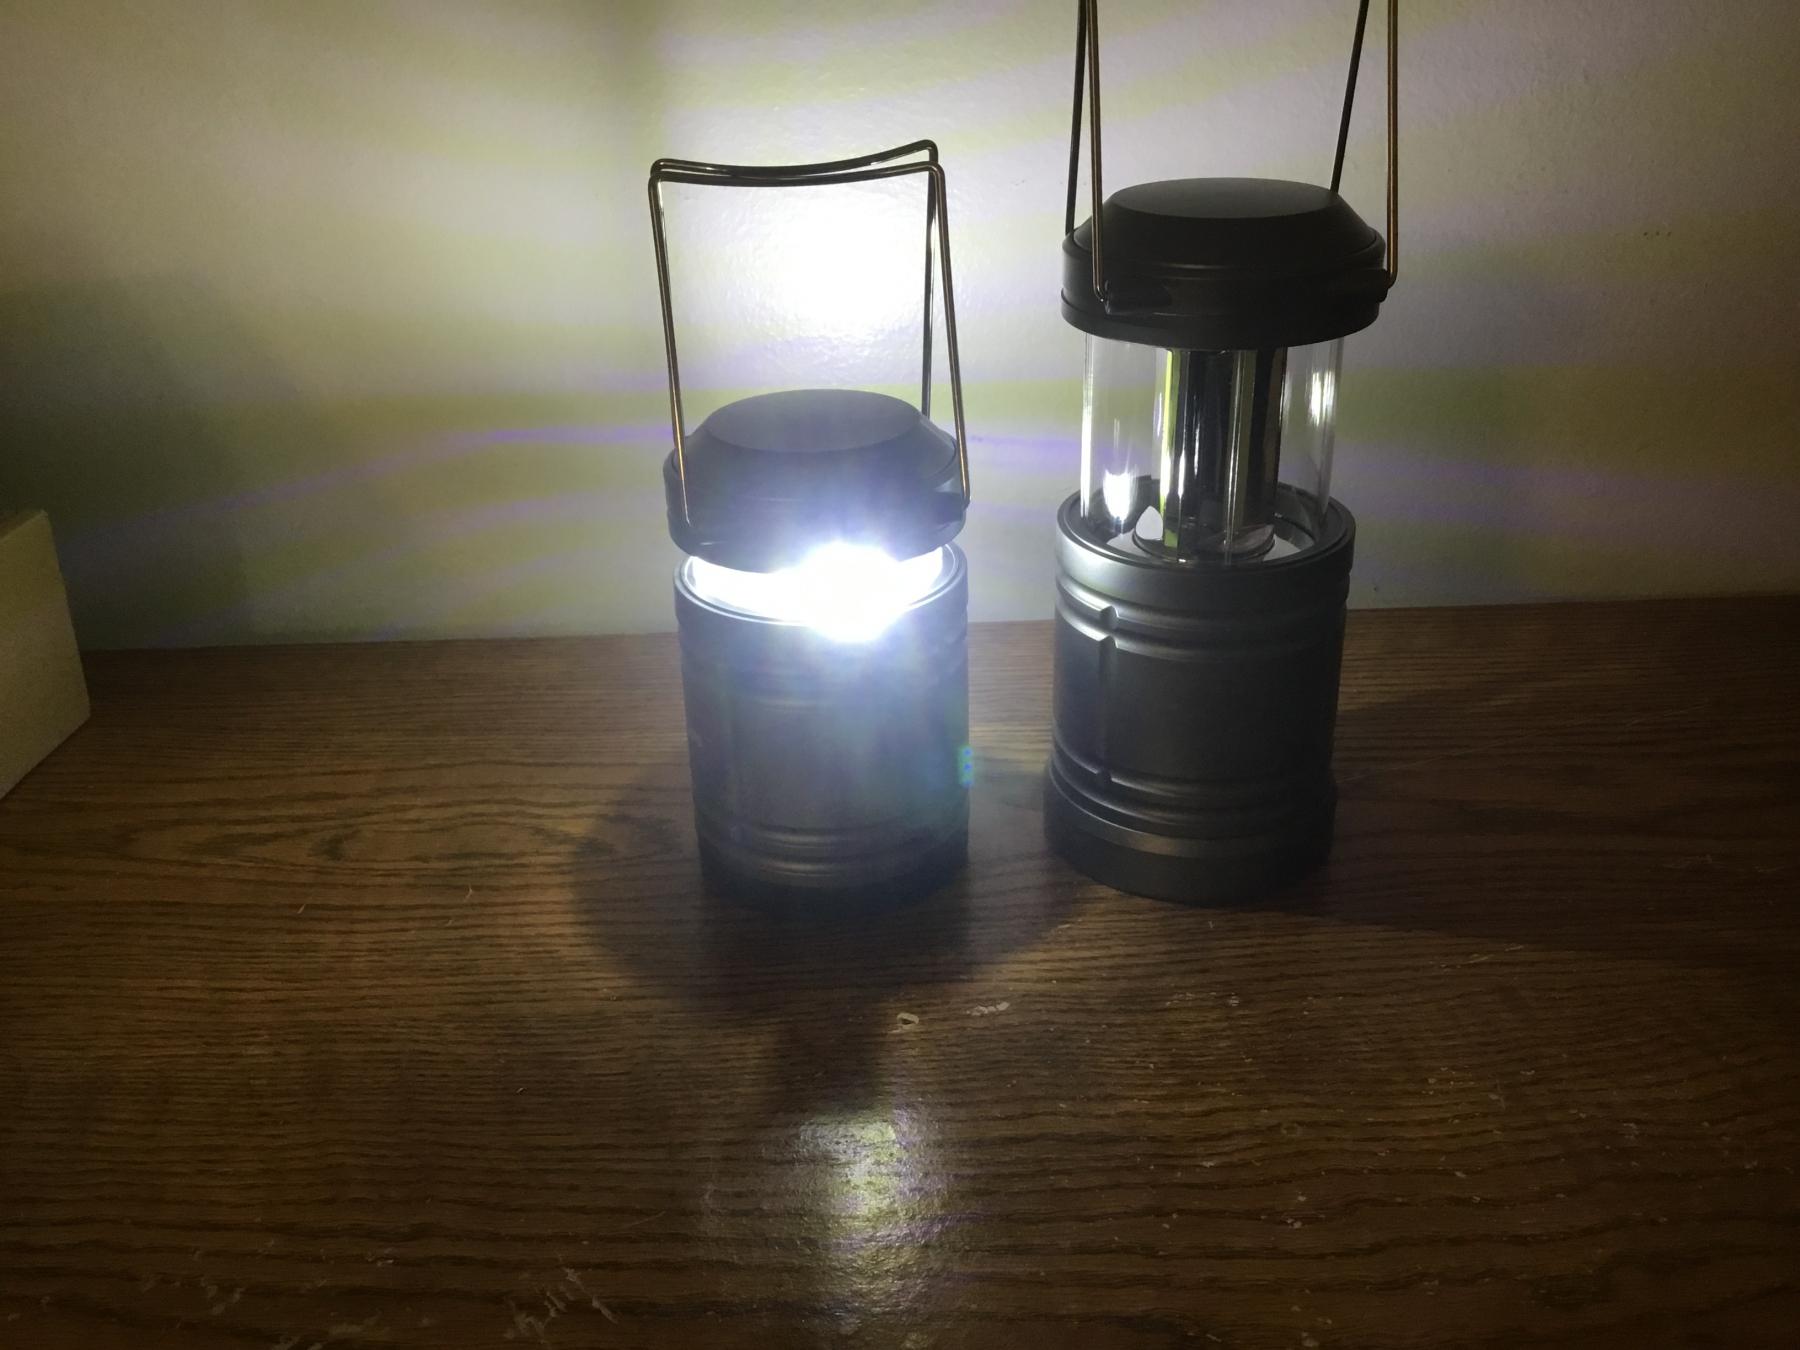 Nice lanterns!